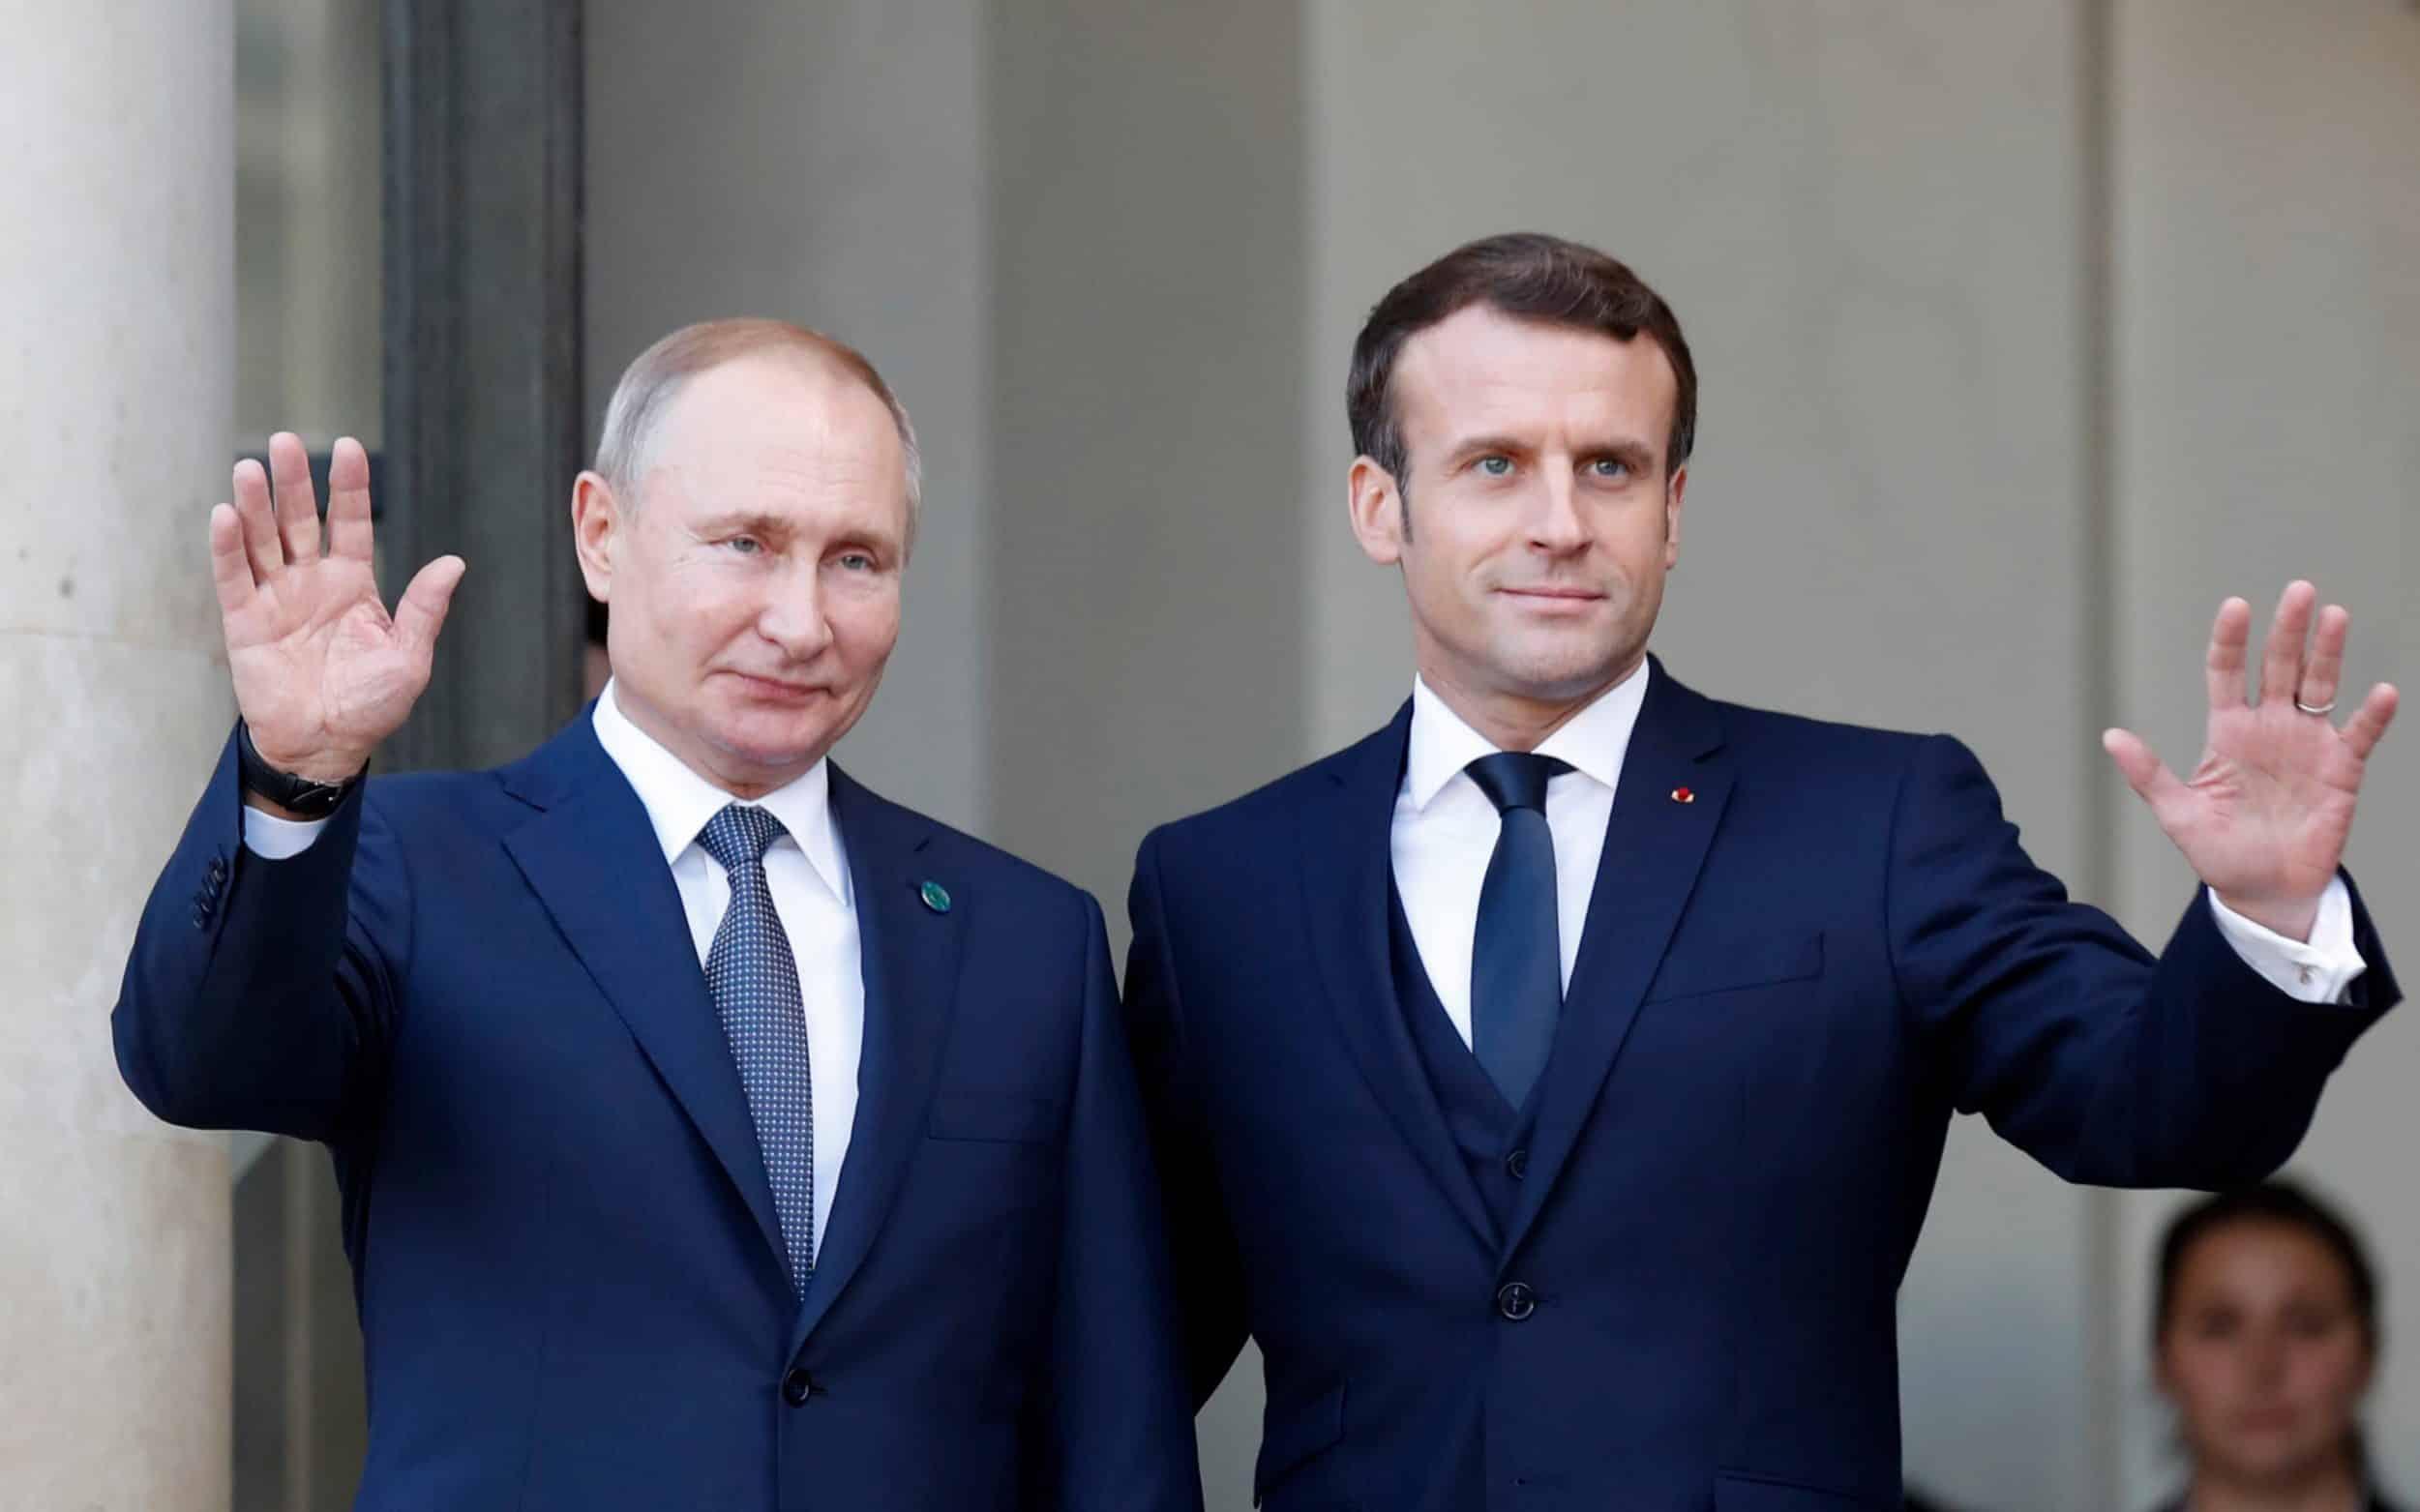 Ρωσία - Ουκρανία ΝΑΙ σε εκεχειρία ΤΩΡΑ & απόσυρση δυνάμεων το 2020